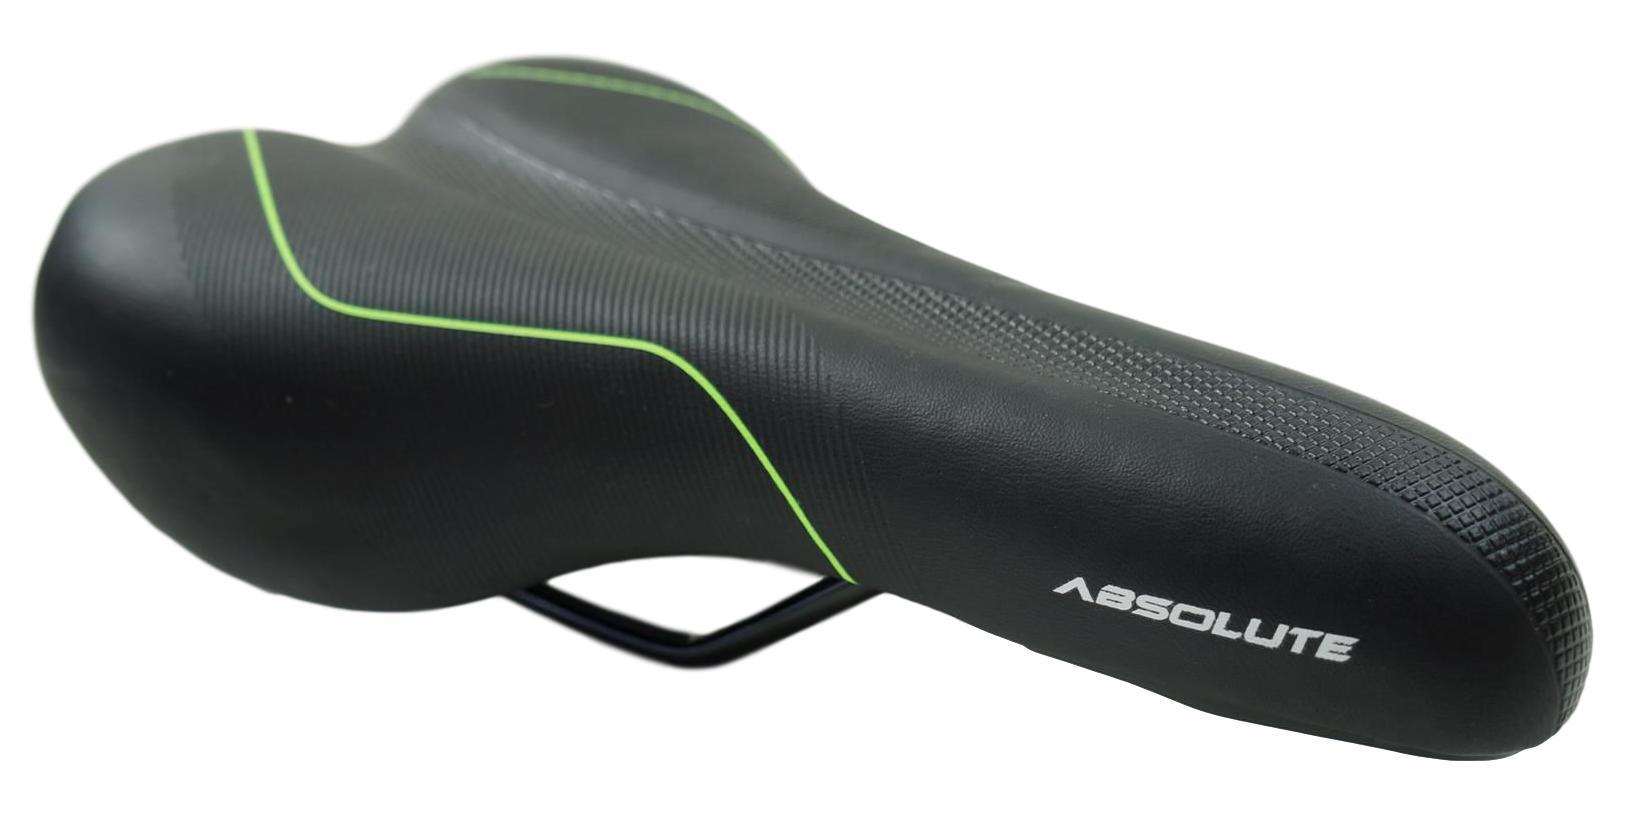 Selim Bicicleta Mountain-bike Absolute Preto com Verde 160mm Largura Super Confortável